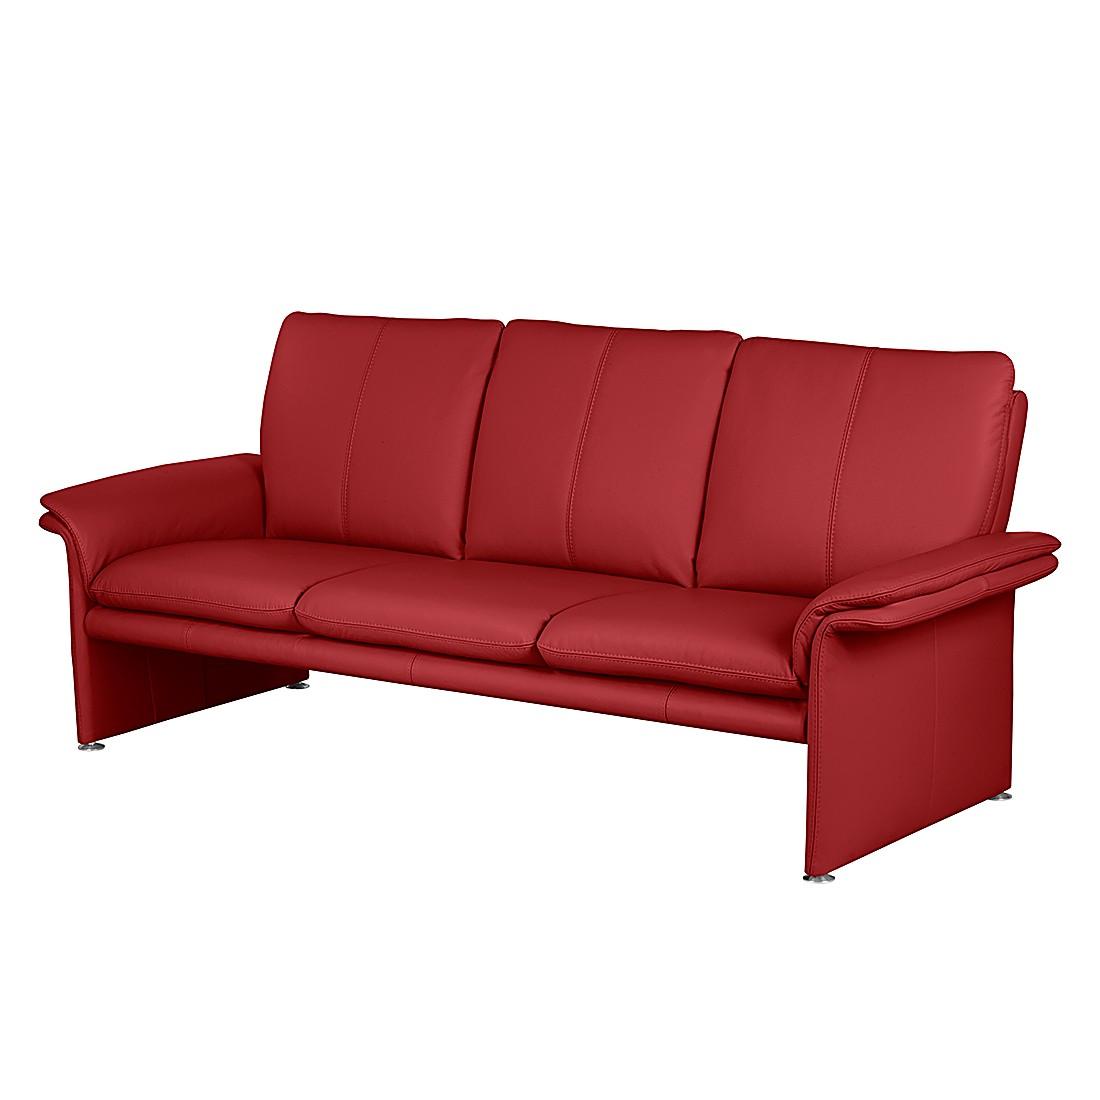 3 sitzer sofa mit federkern wohnzimmer sofas couches 2 3 sitzer sofas braun sofas couches 2 3. Black Bedroom Furniture Sets. Home Design Ideas